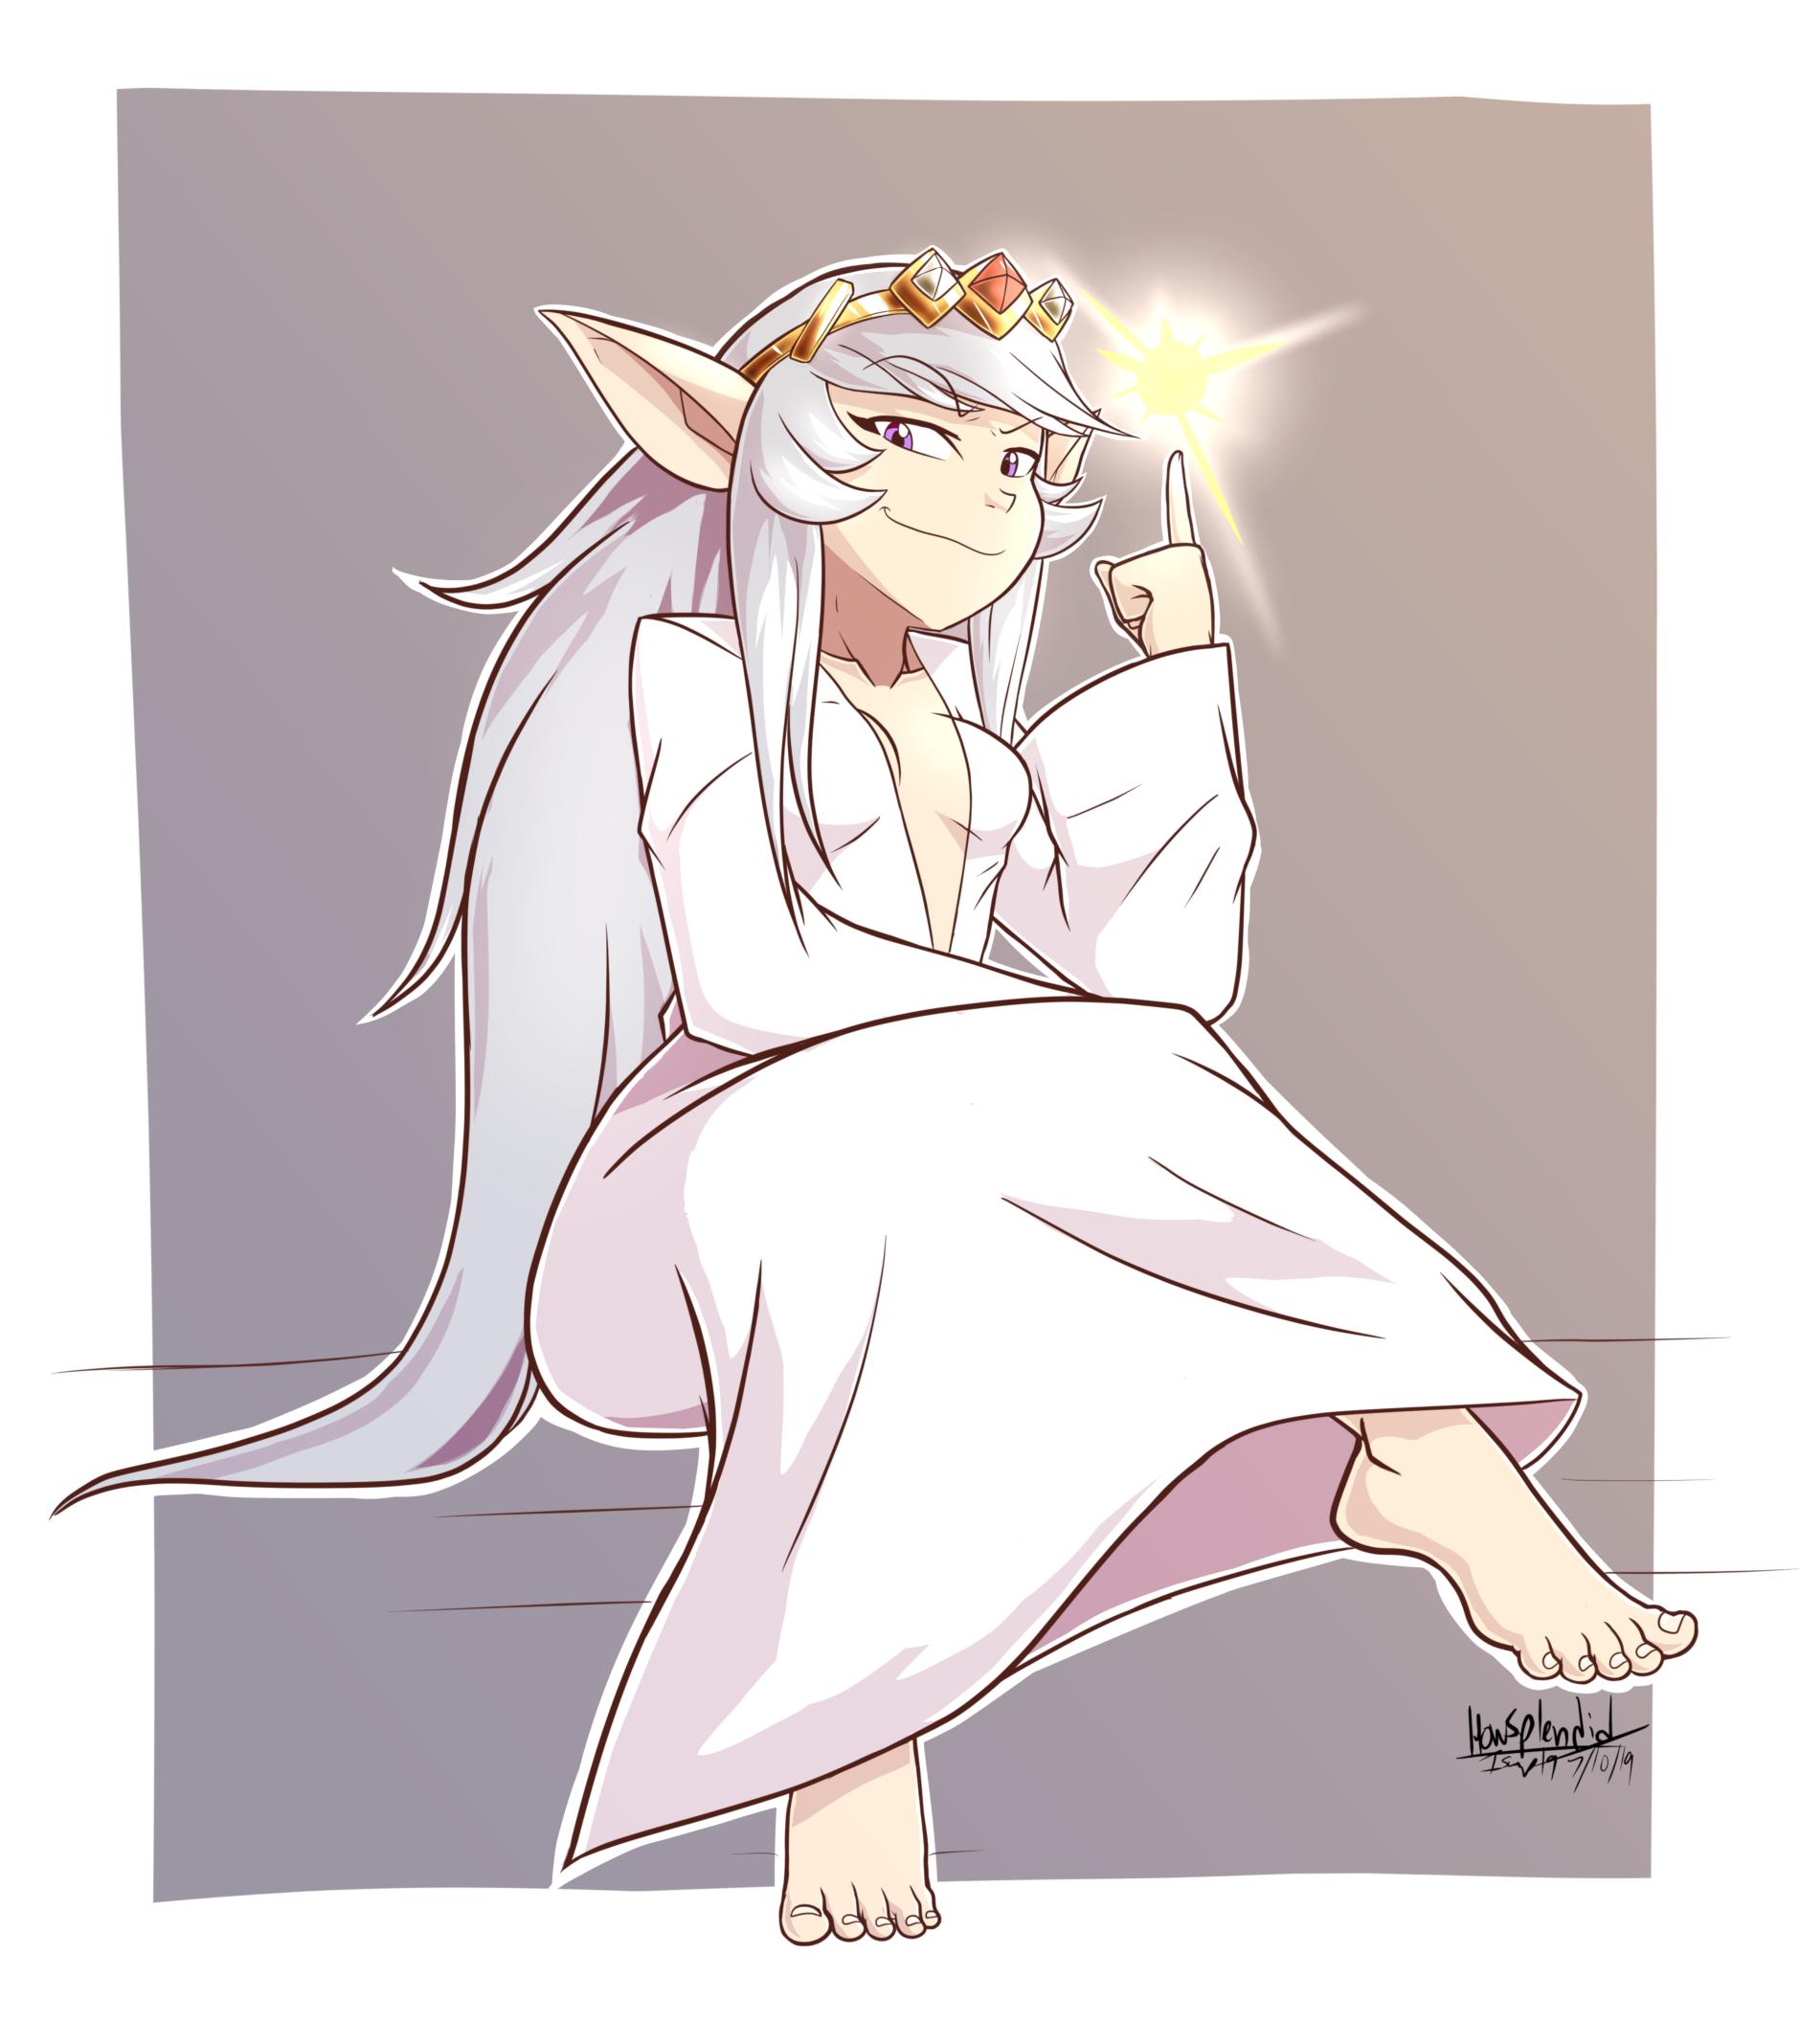 That pompous princess